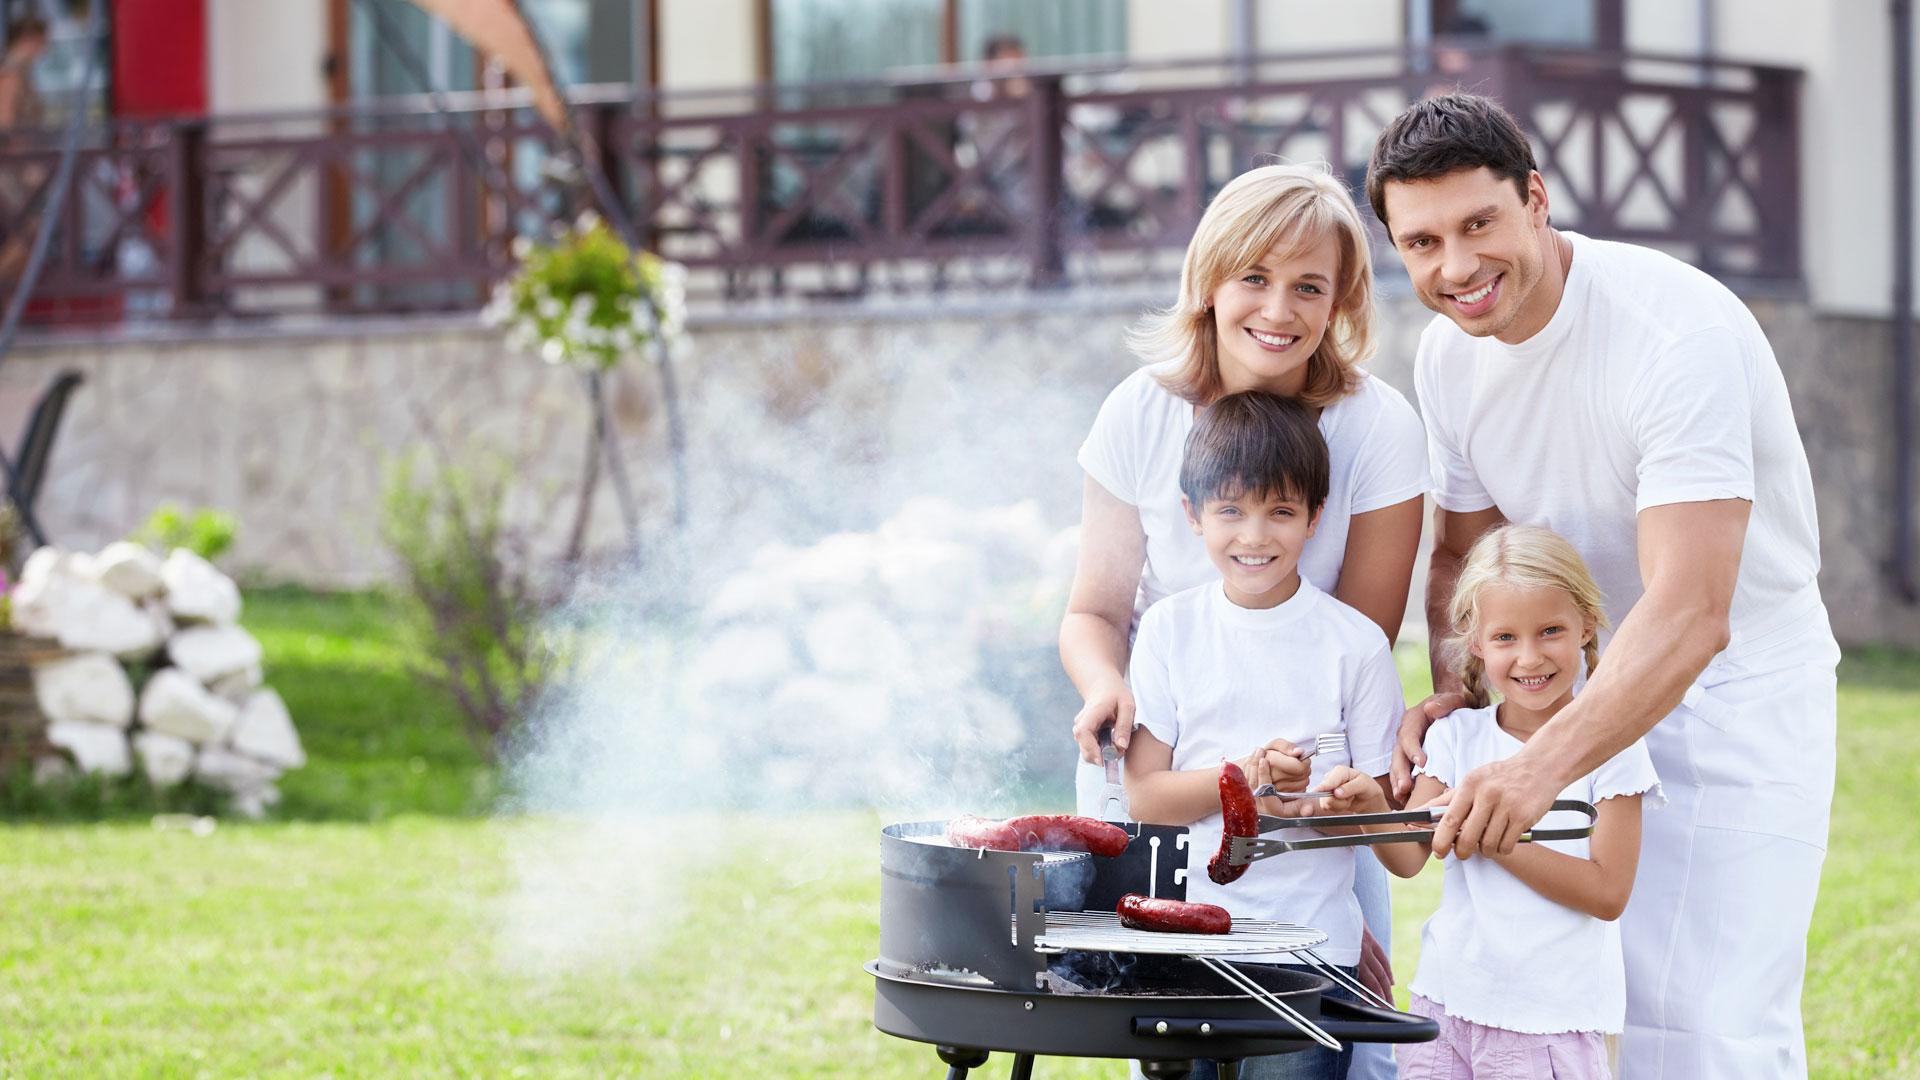 семья жарит сосиски